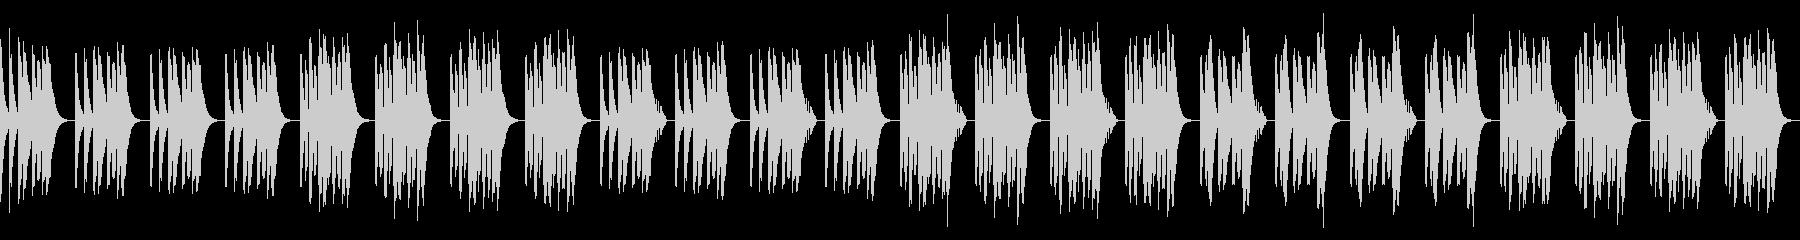 日常・脱力・コミカル・リコーダーの未再生の波形